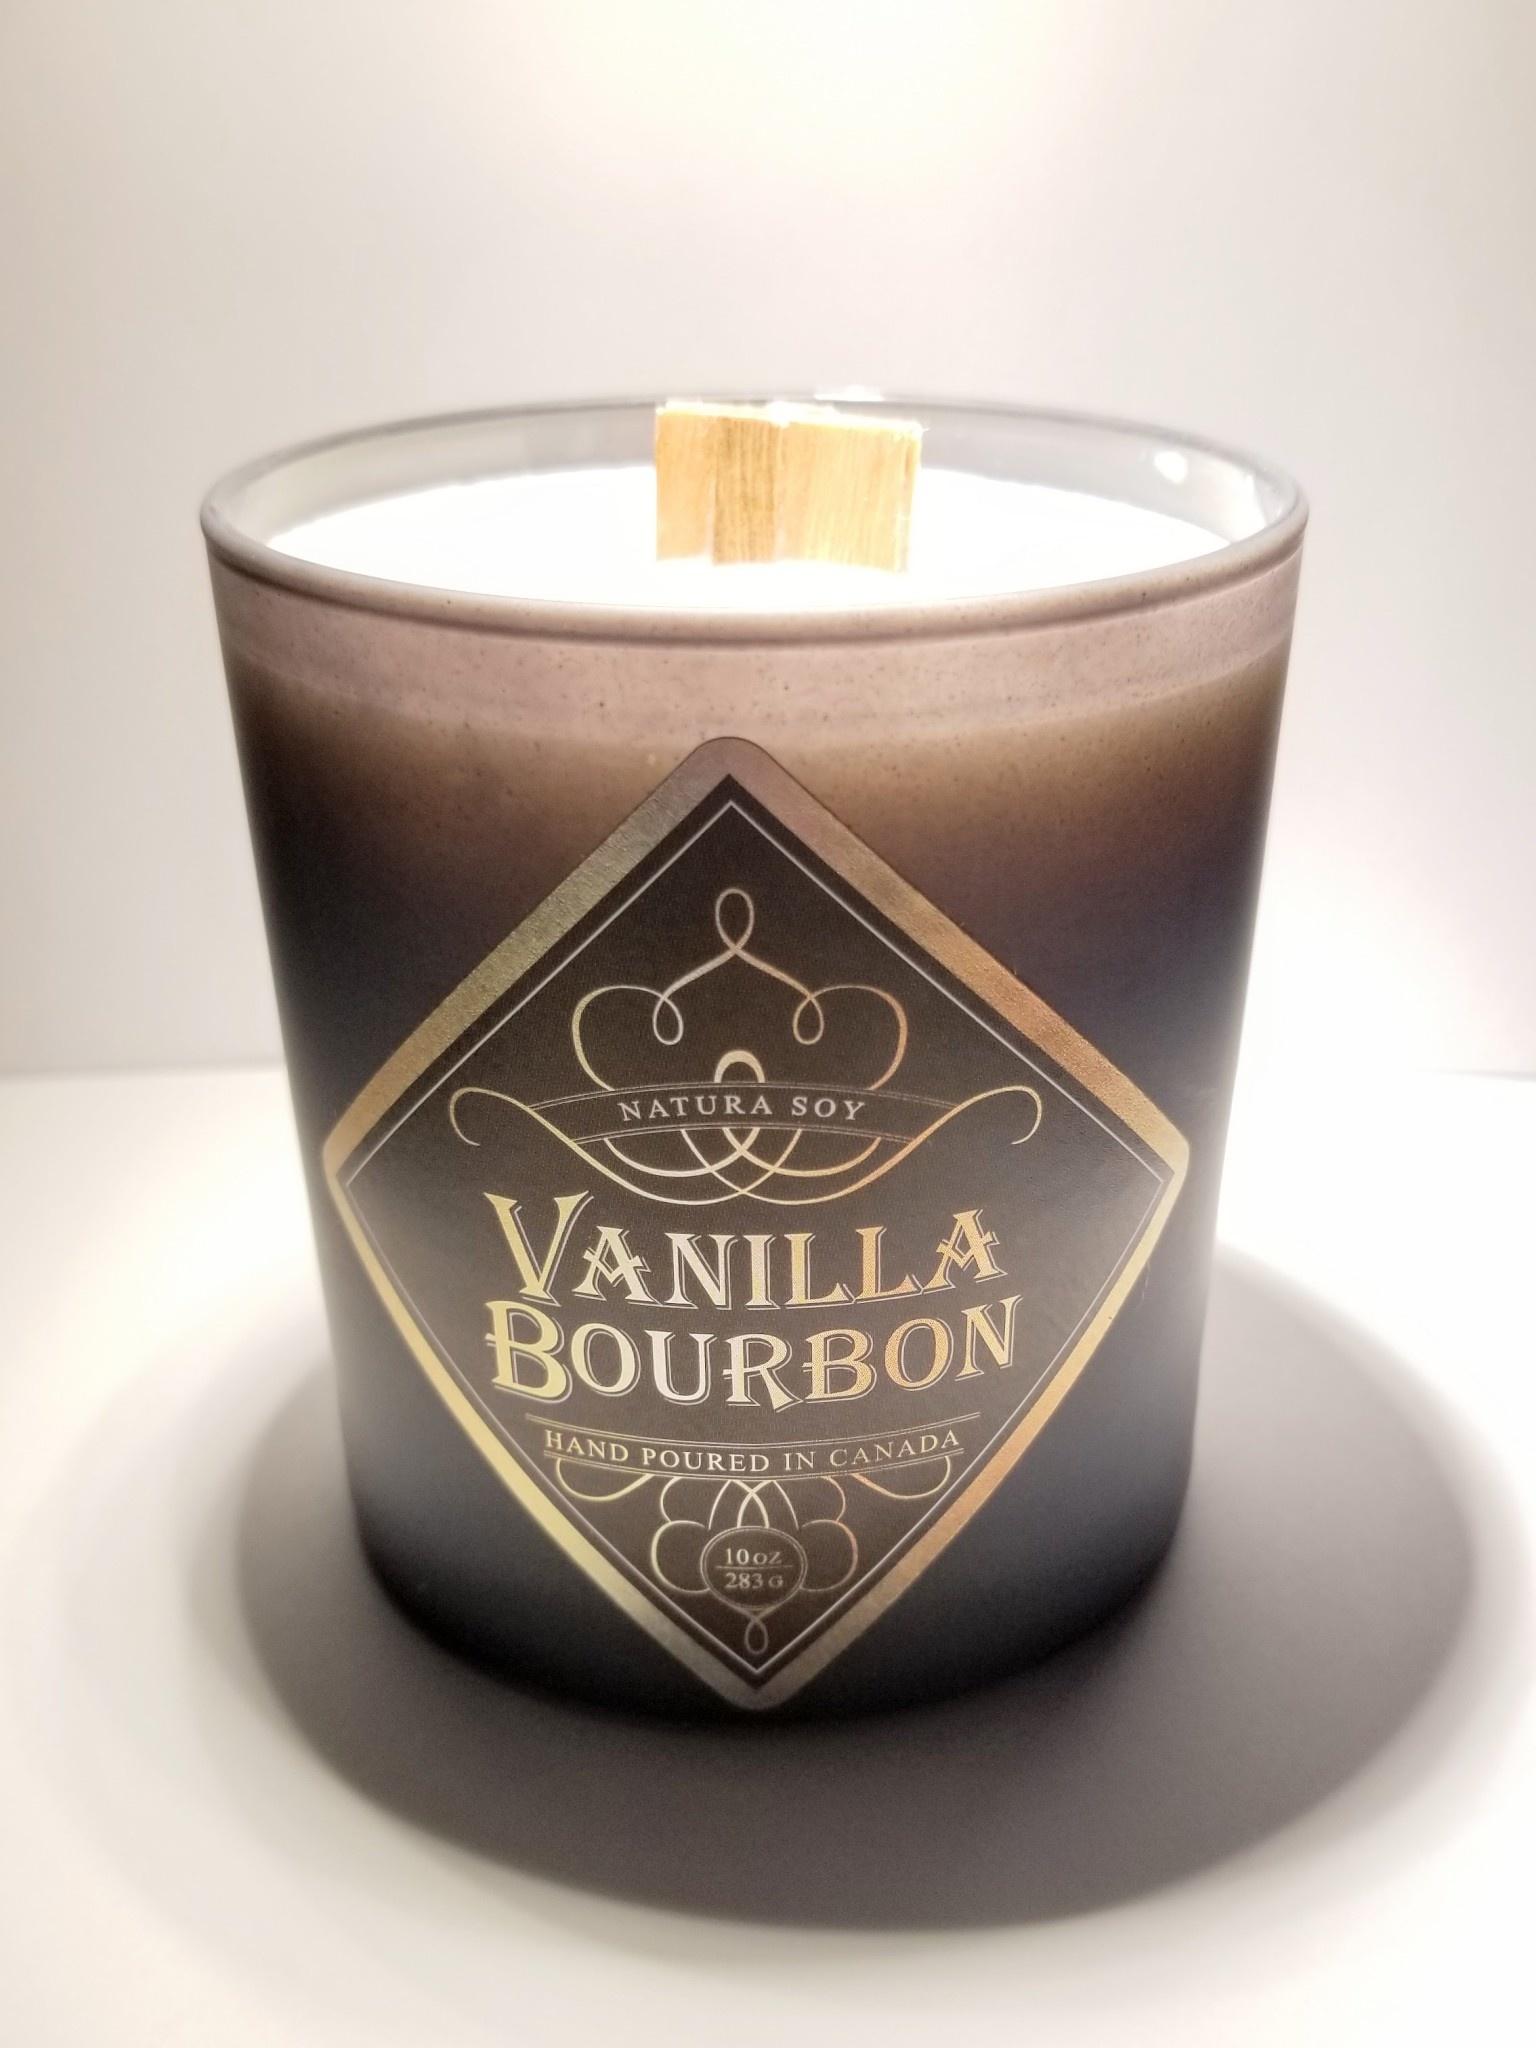 Natura Soy Man Candle: Vanilla Bourbon